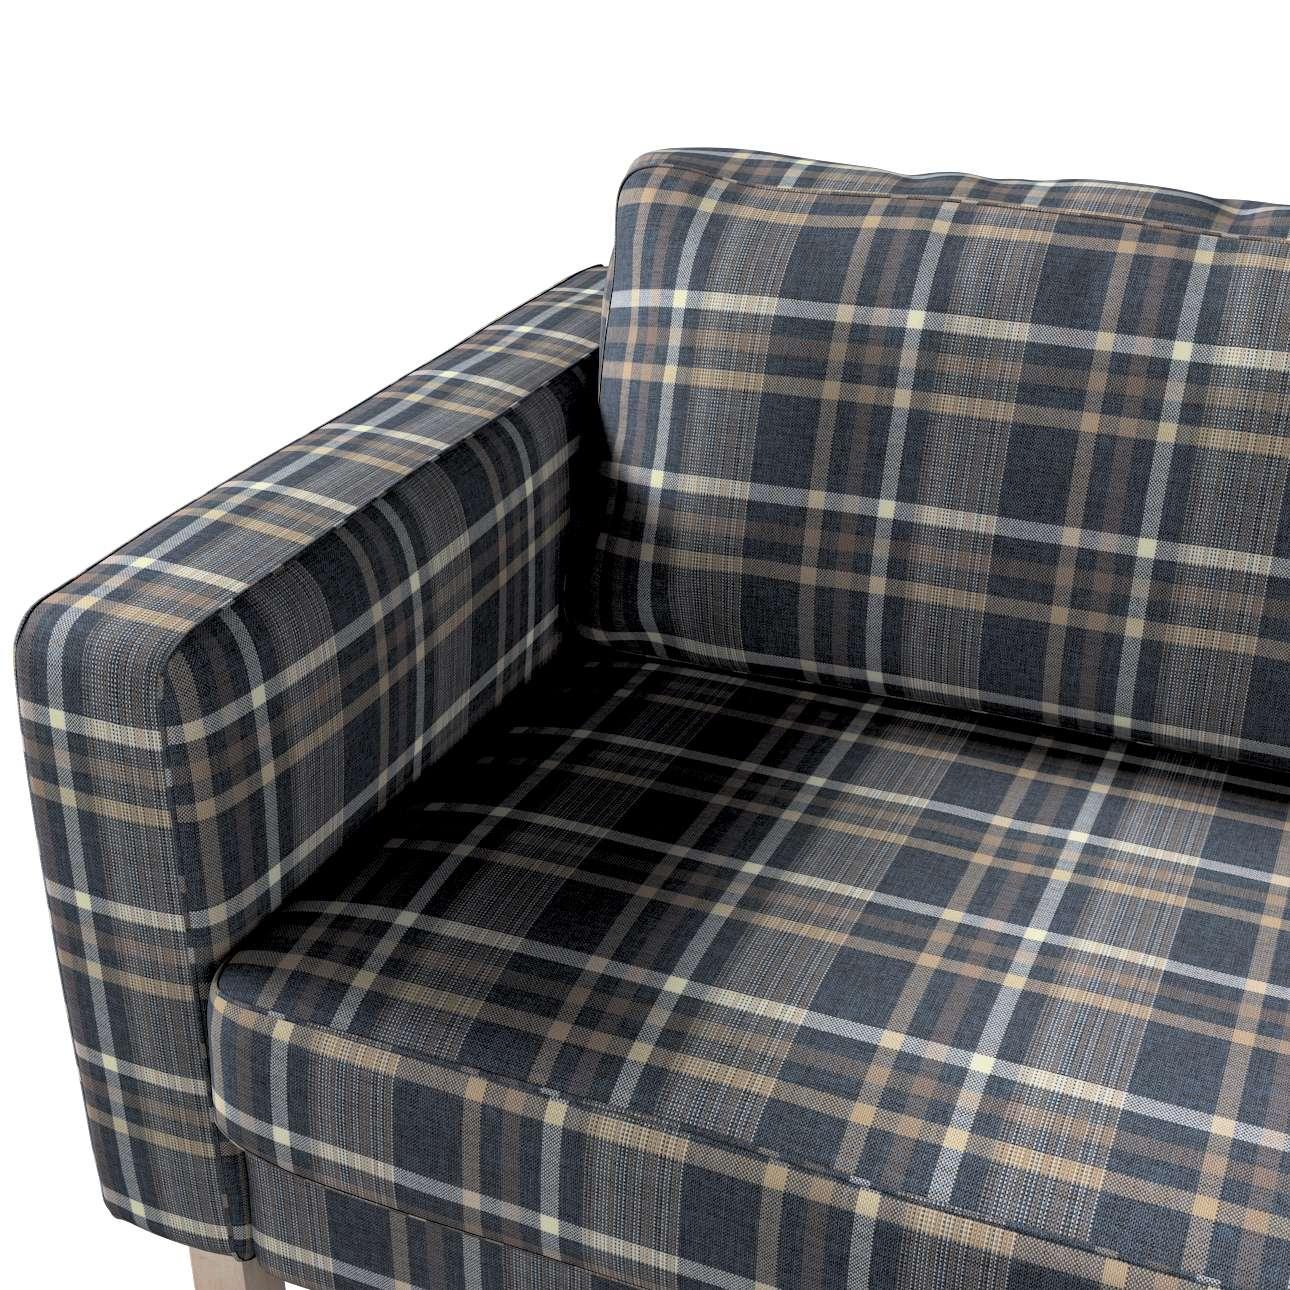 Potah na pohovku IKEA  Karlstad 3-místná, nerozkládací, krátký v kolekci Edinburgh, látka: 703-16